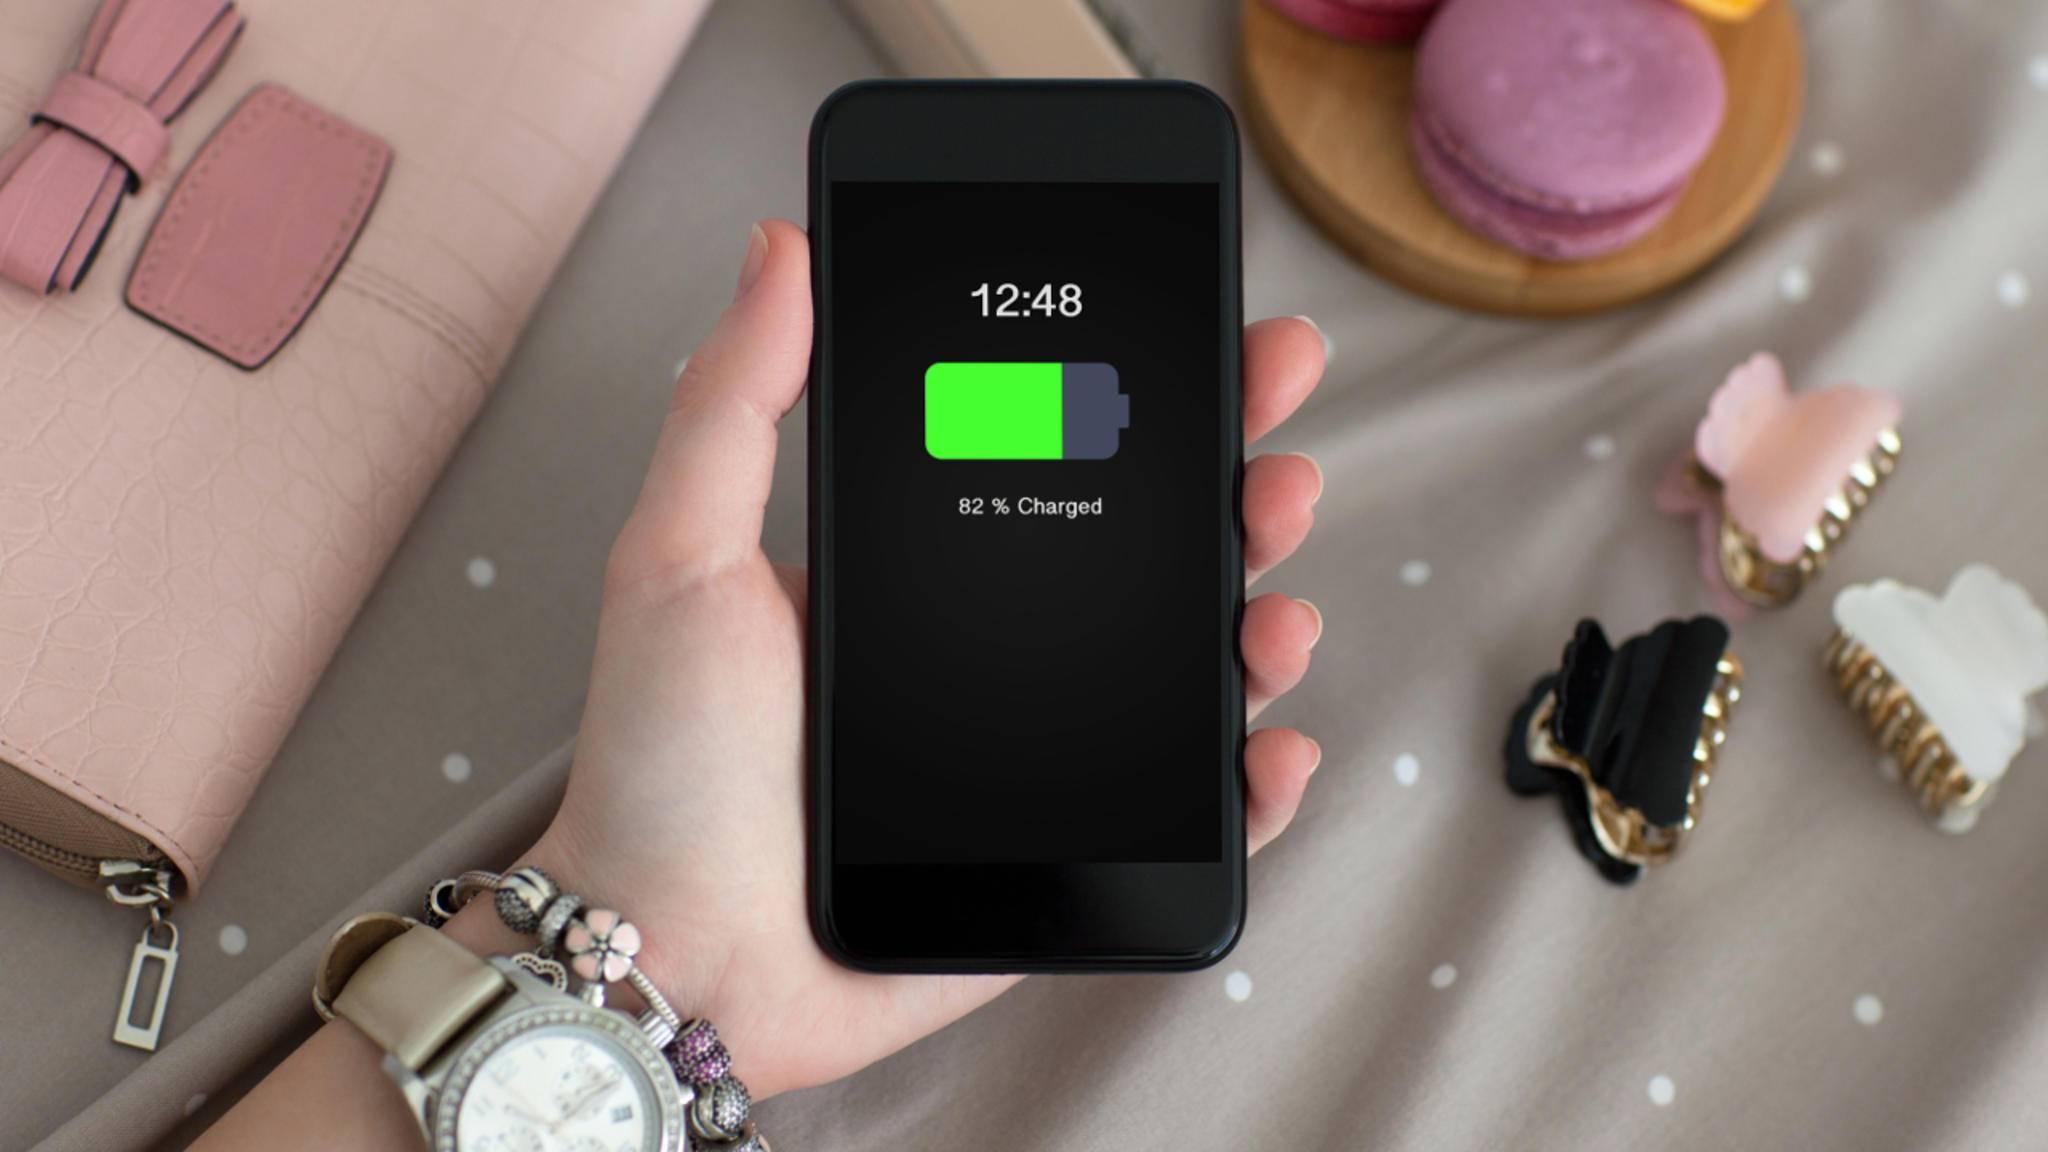 Ein iOS-13-Feature soll iPhone-Akkus schonender laden – eigentlich.